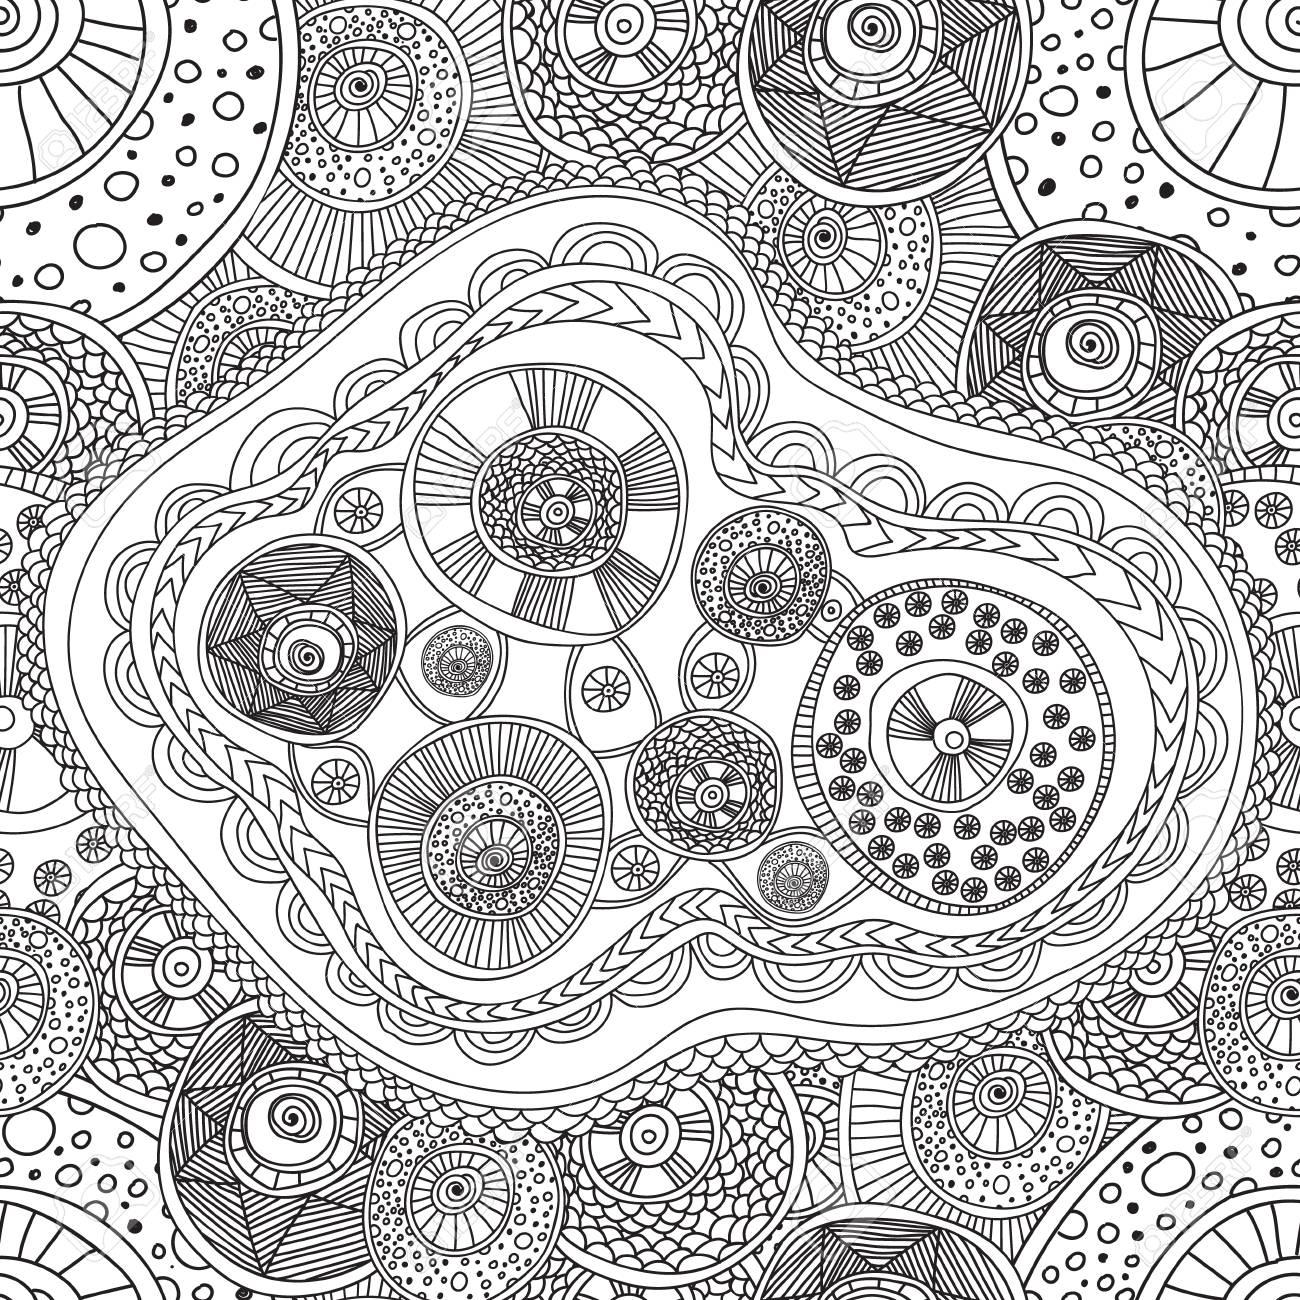 Ziemlich Kreis Malvorlagen Ideen - Druckbare Malvorlagen - amaichi.info